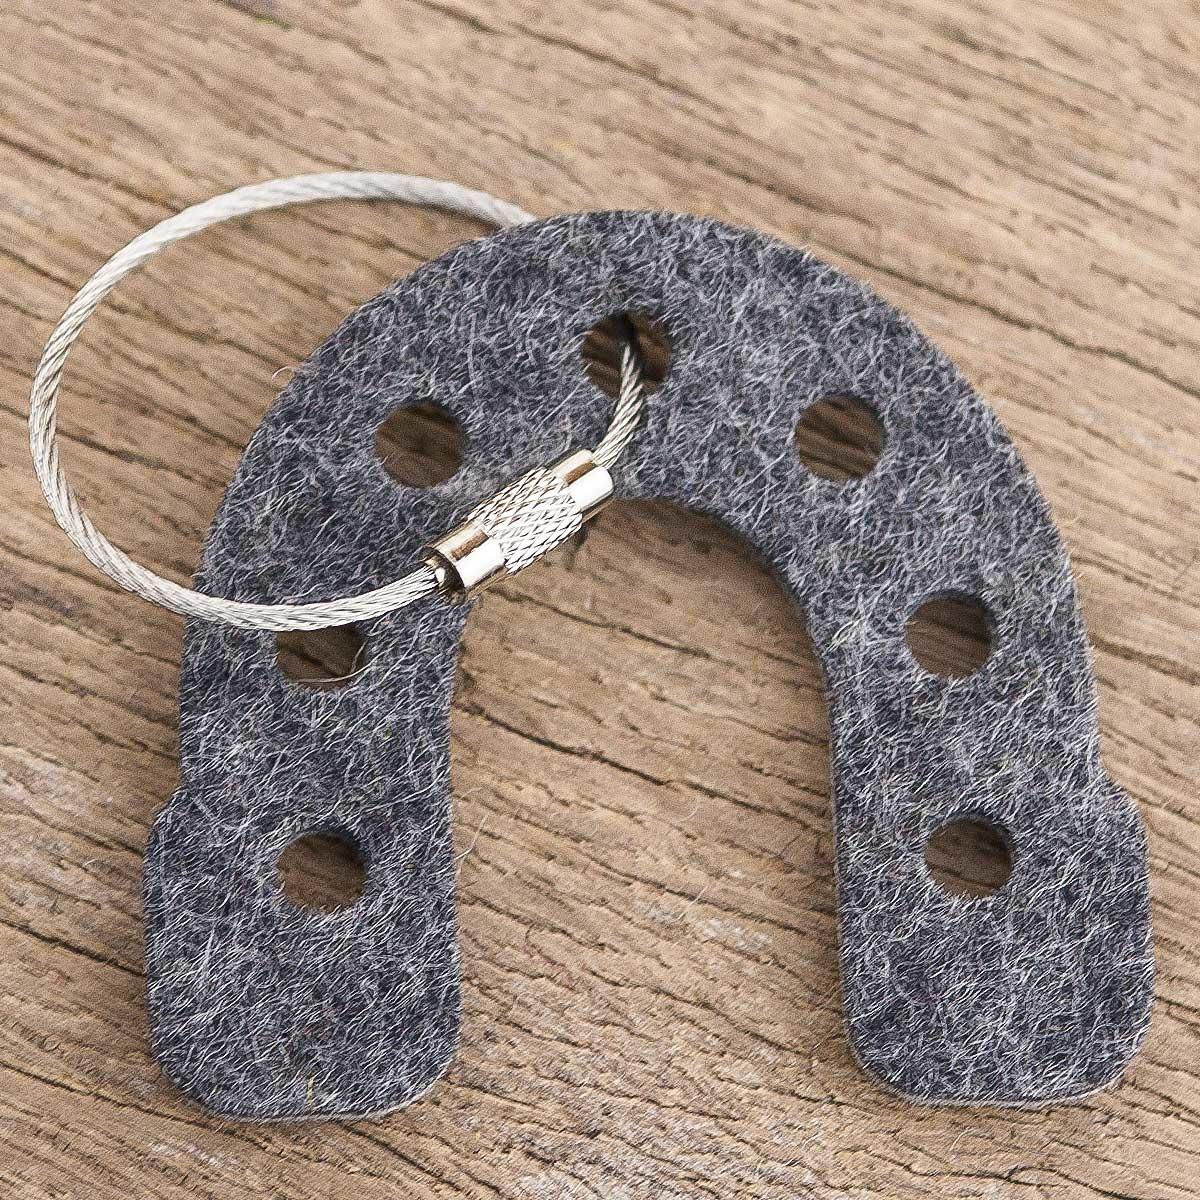 felt keychain horseshoe as a lucky charm